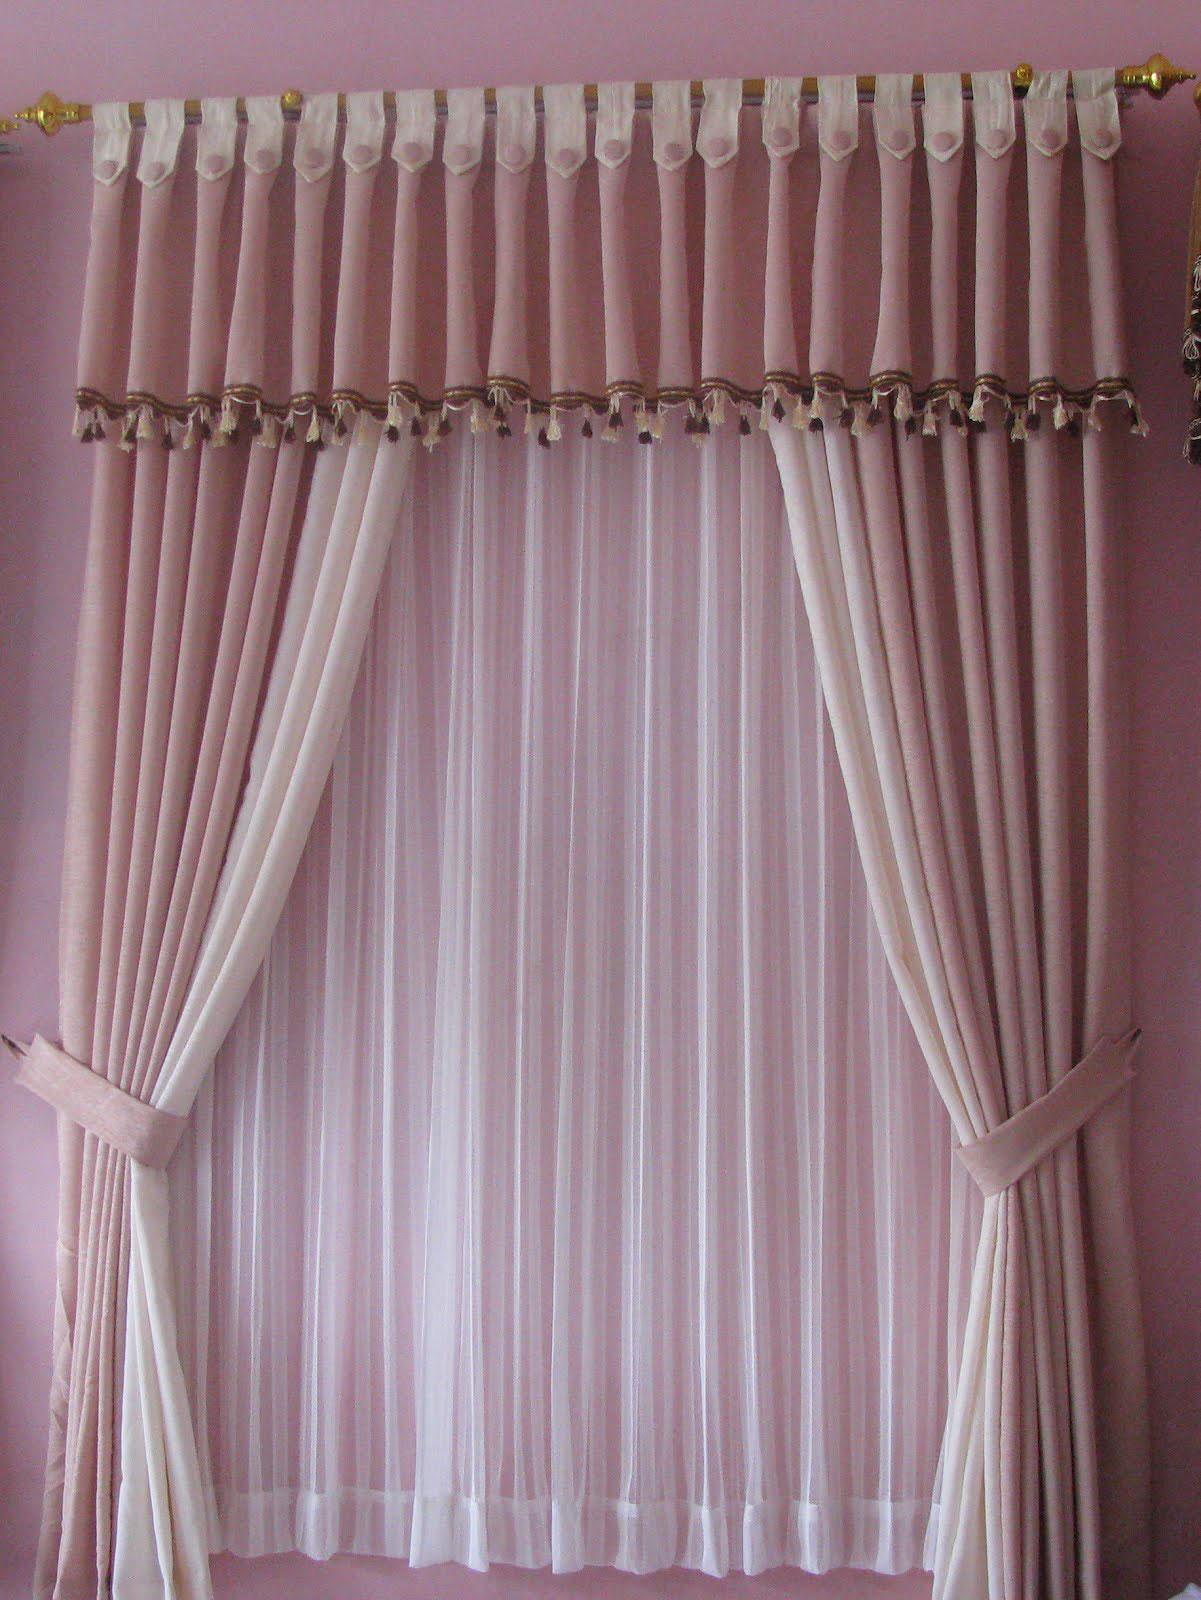 Harga Gorden Rumah Minimalis Murah Ali Mustika Sari